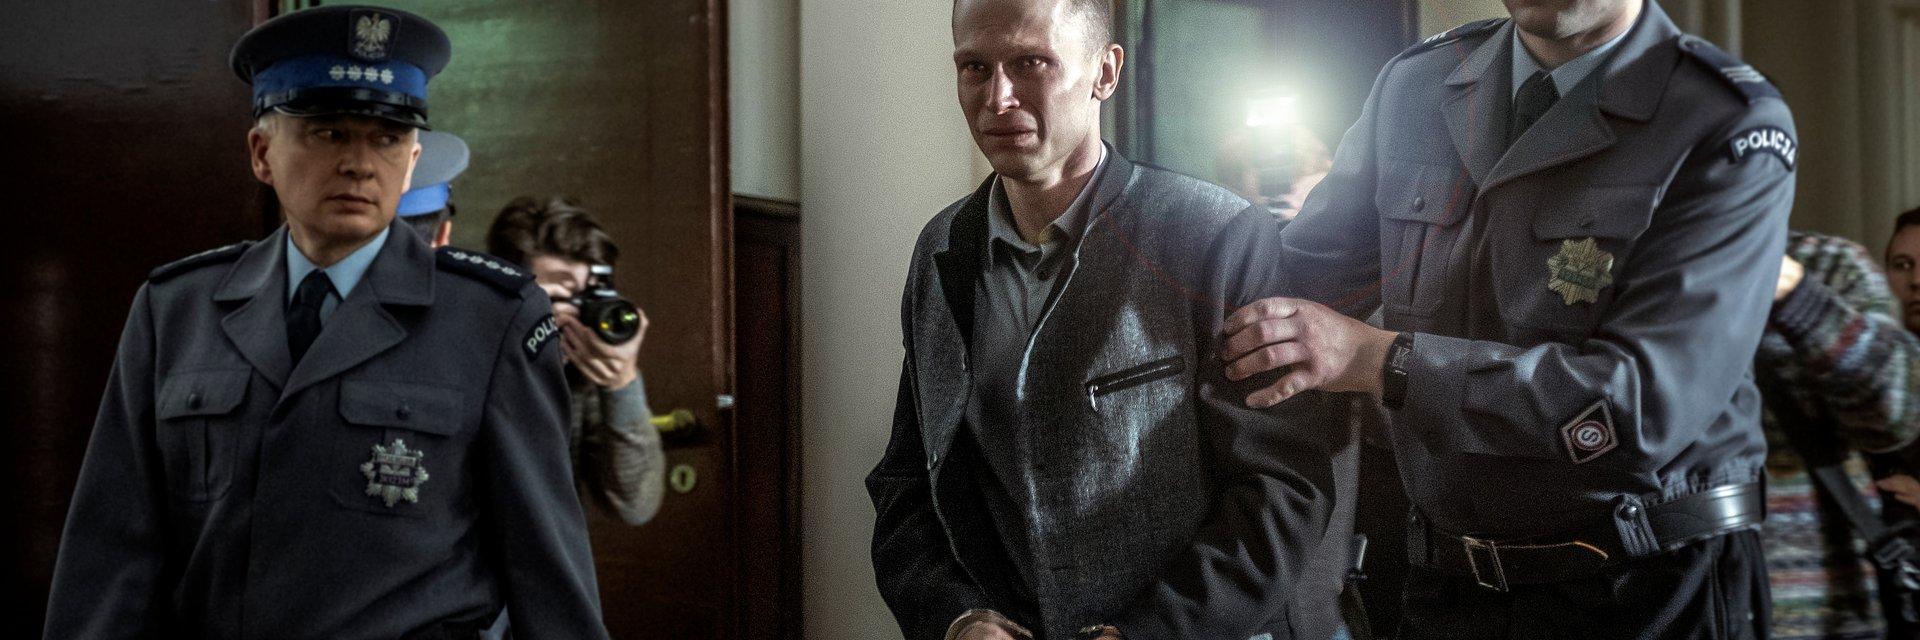 """""""25 lat niewinności. Sprawa Tomka Komendy"""". Nagradzany, emocjonalny, poruszający. Prosto z kina w ofercie CANAL+"""